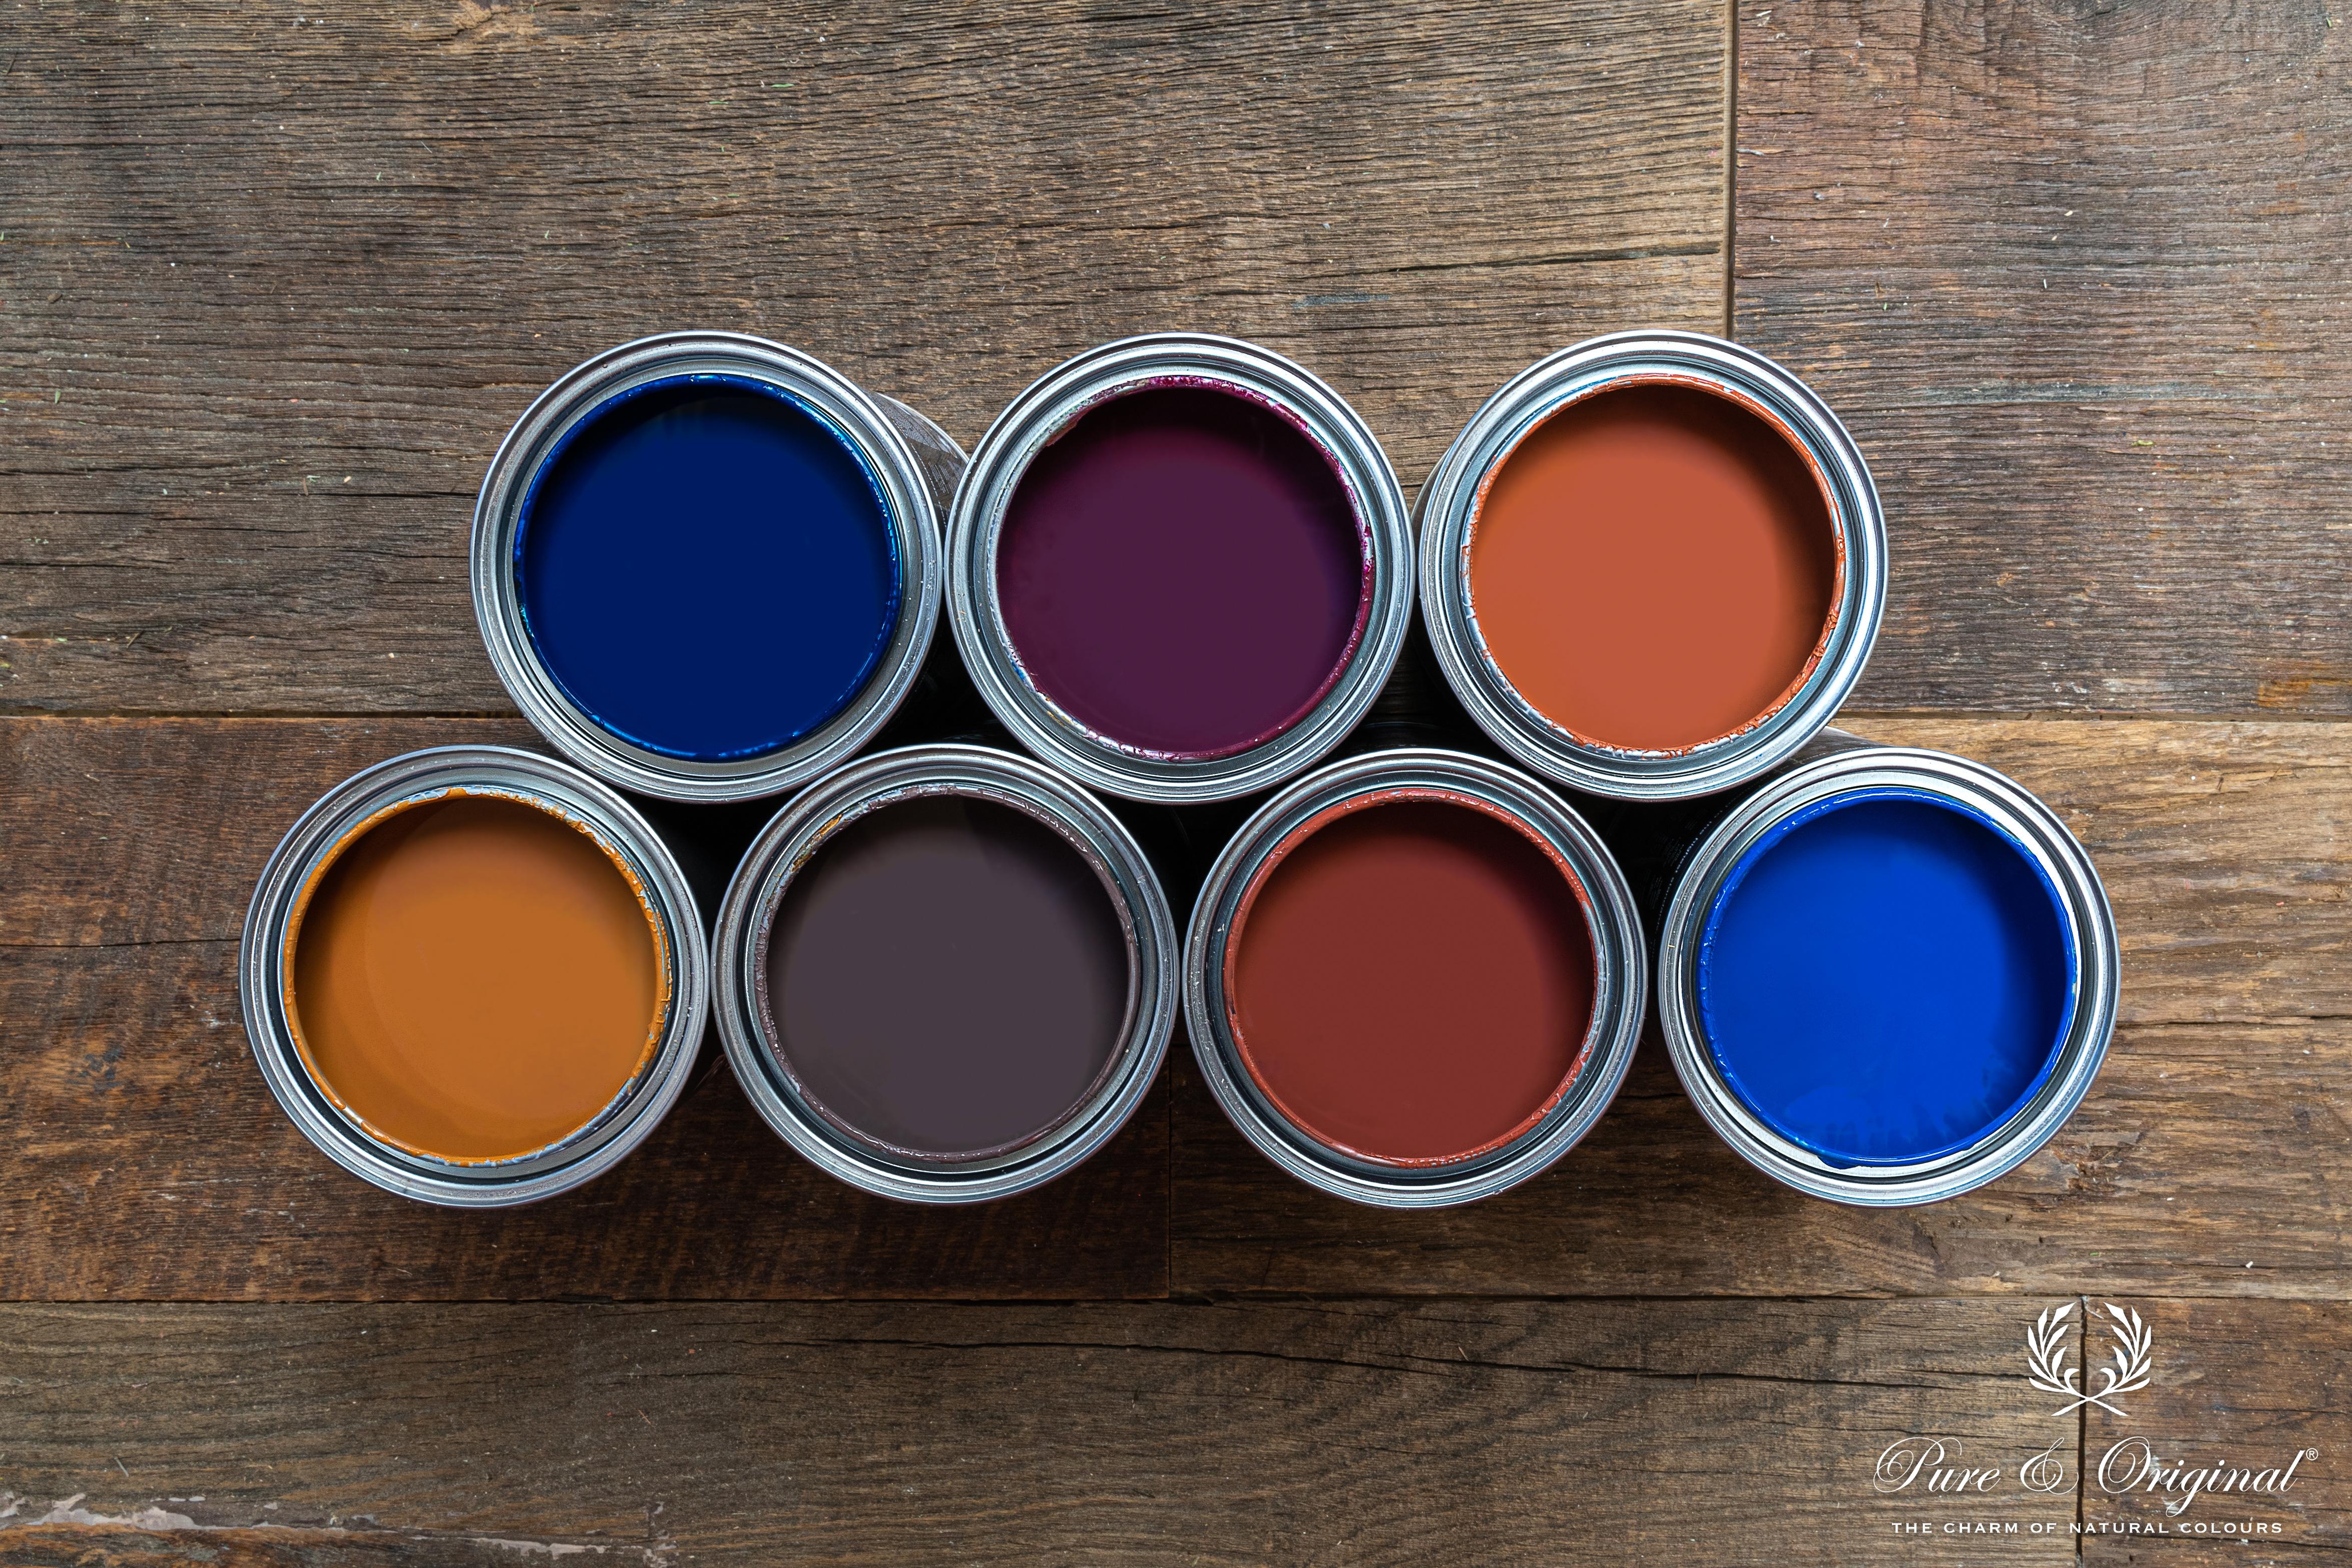 Farben auf Basis von Kreide und Kalk für spürbar natürlichere Räume